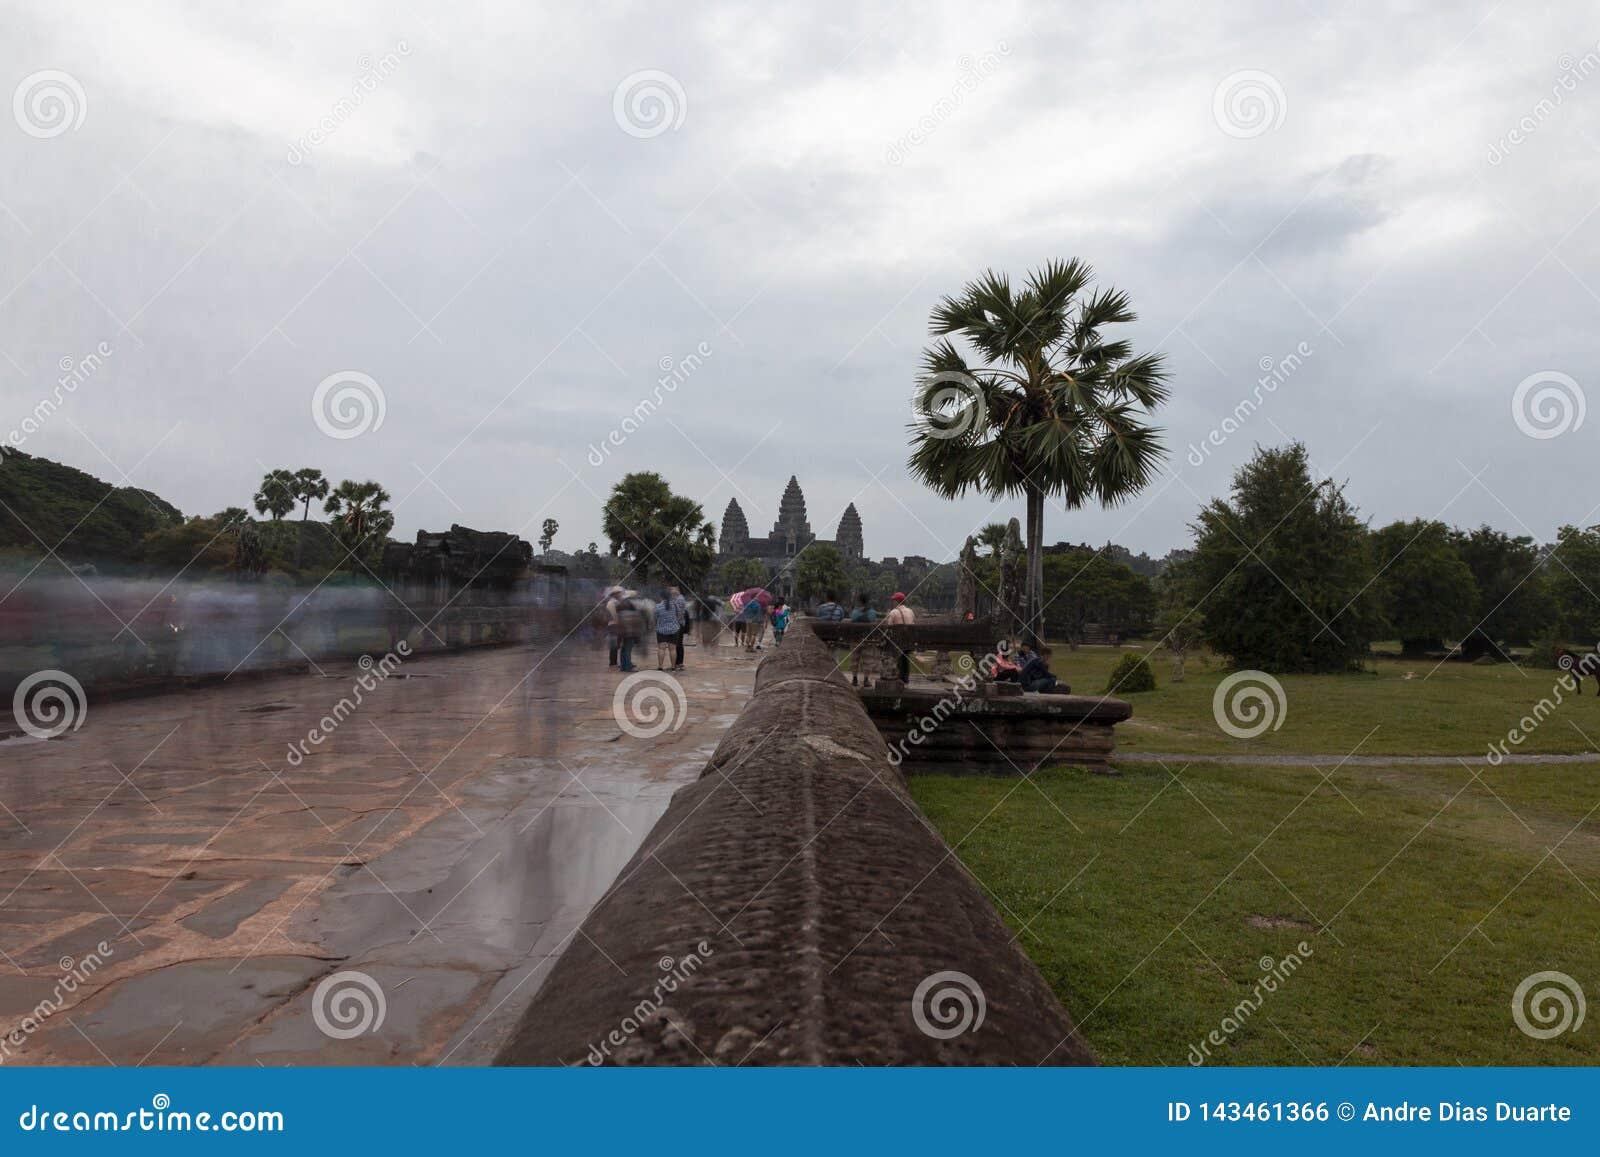 Entrada do templo de Angkor Wat